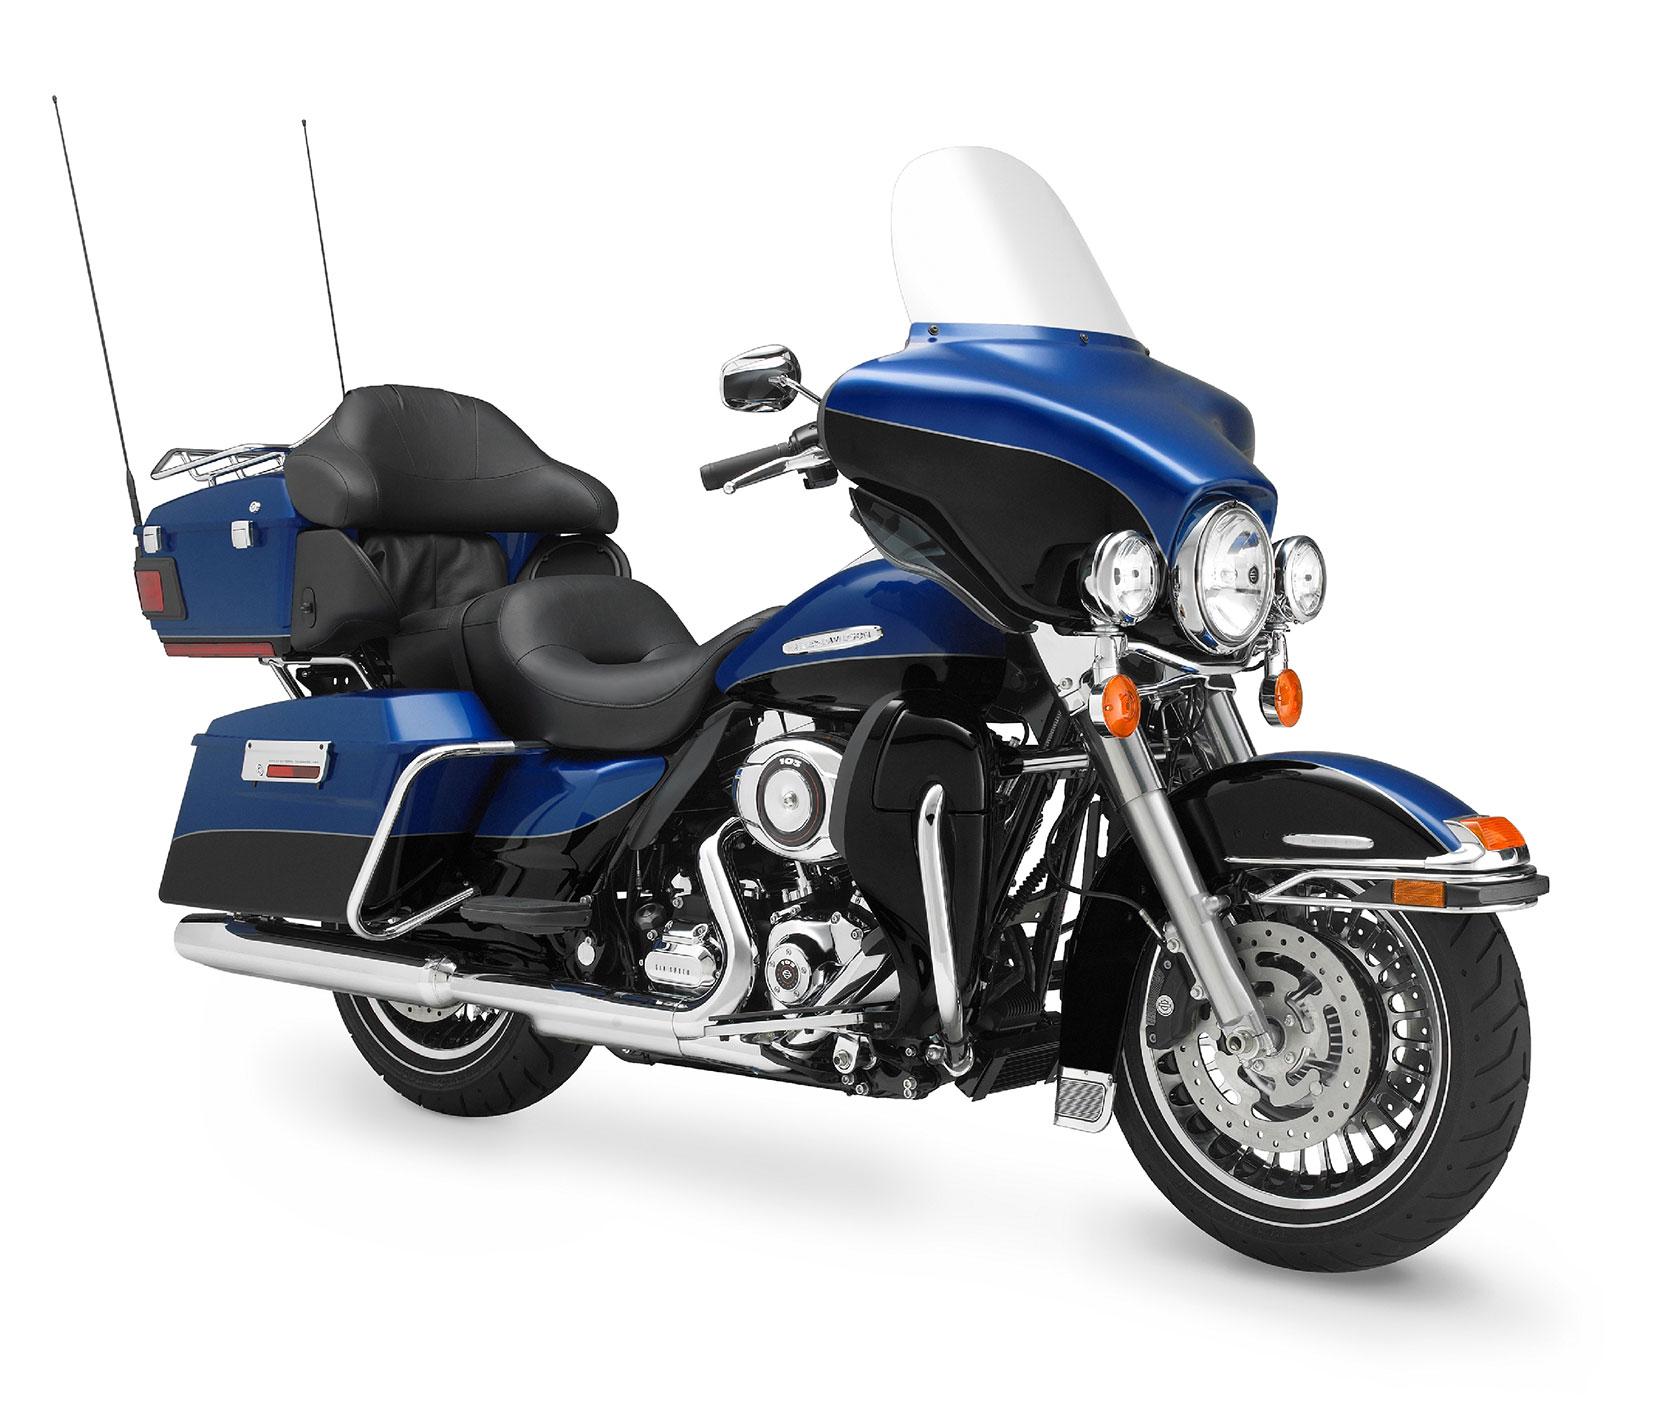 Harley Davidson Electra Glide Ultra Limited 2009 2010